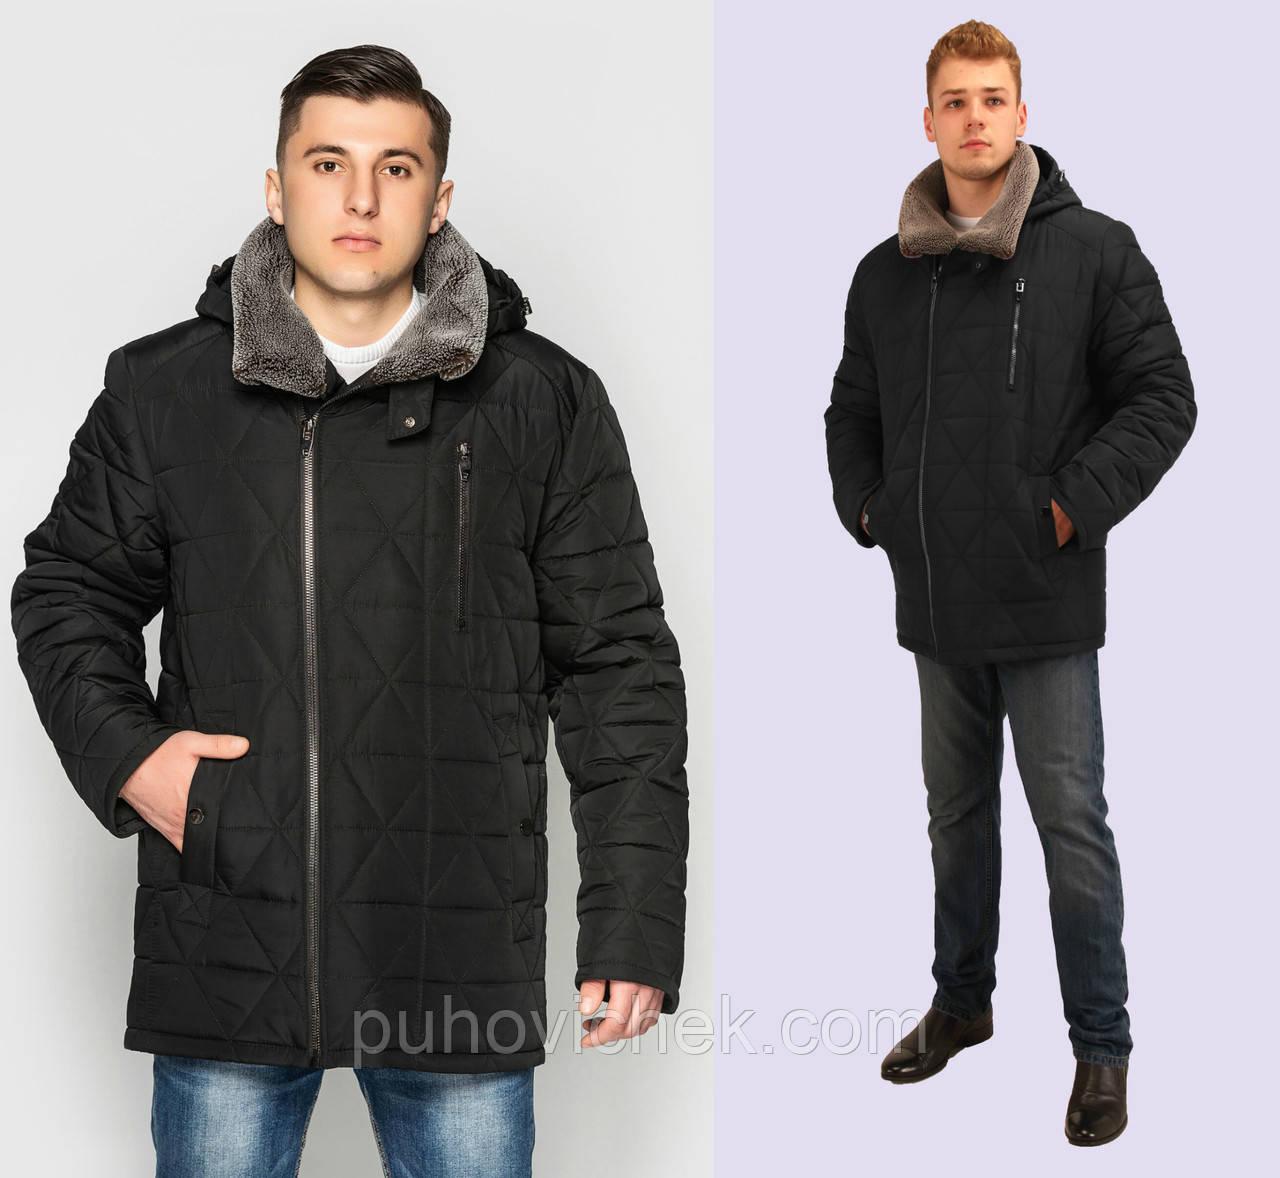 90eabe6885380 Зимние мужские куртки и пуховики стильные от производителя купить ...